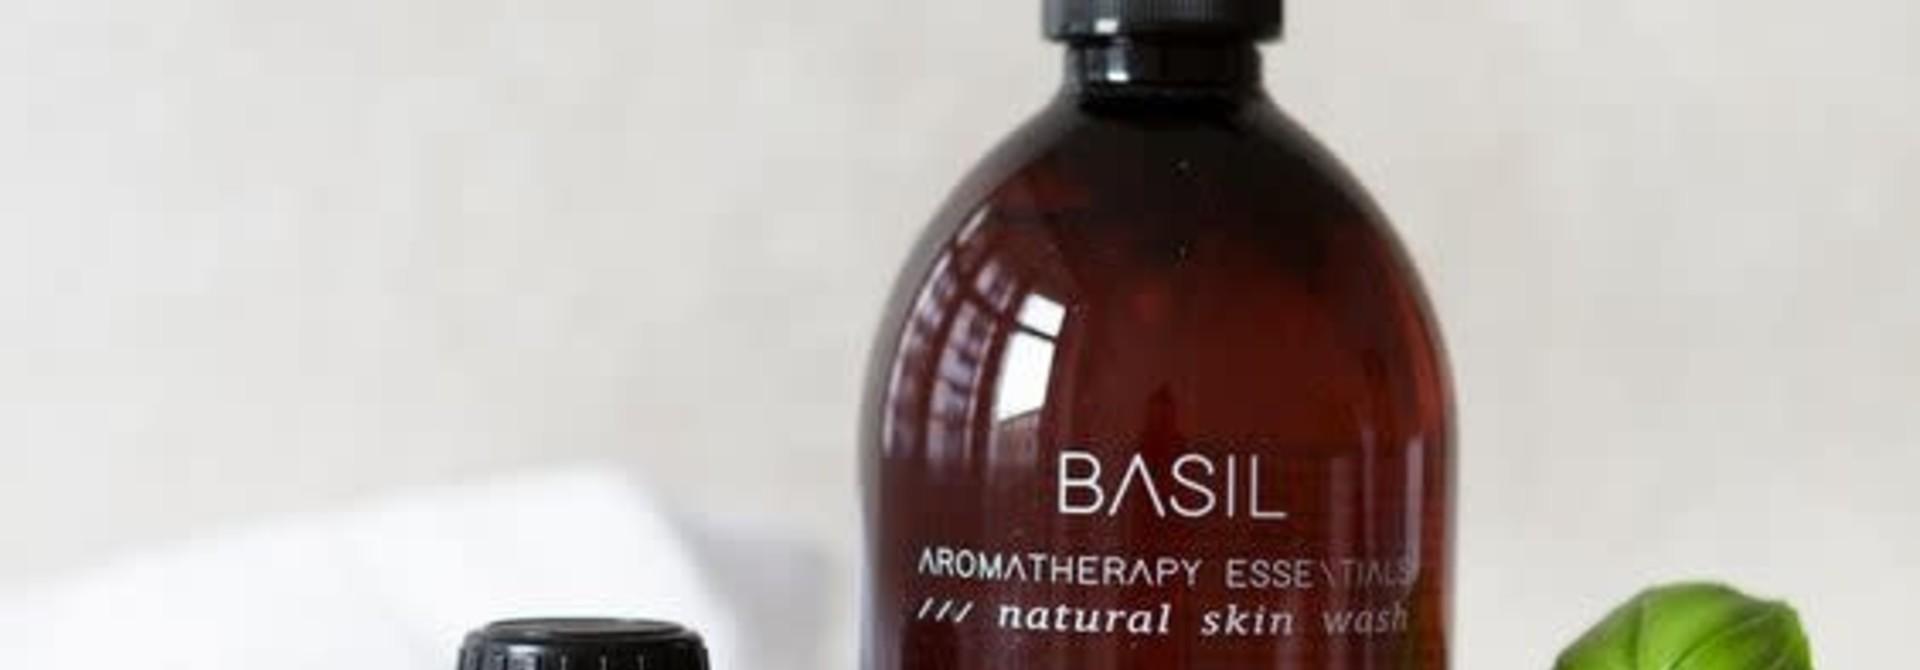 Skin Wash Basil